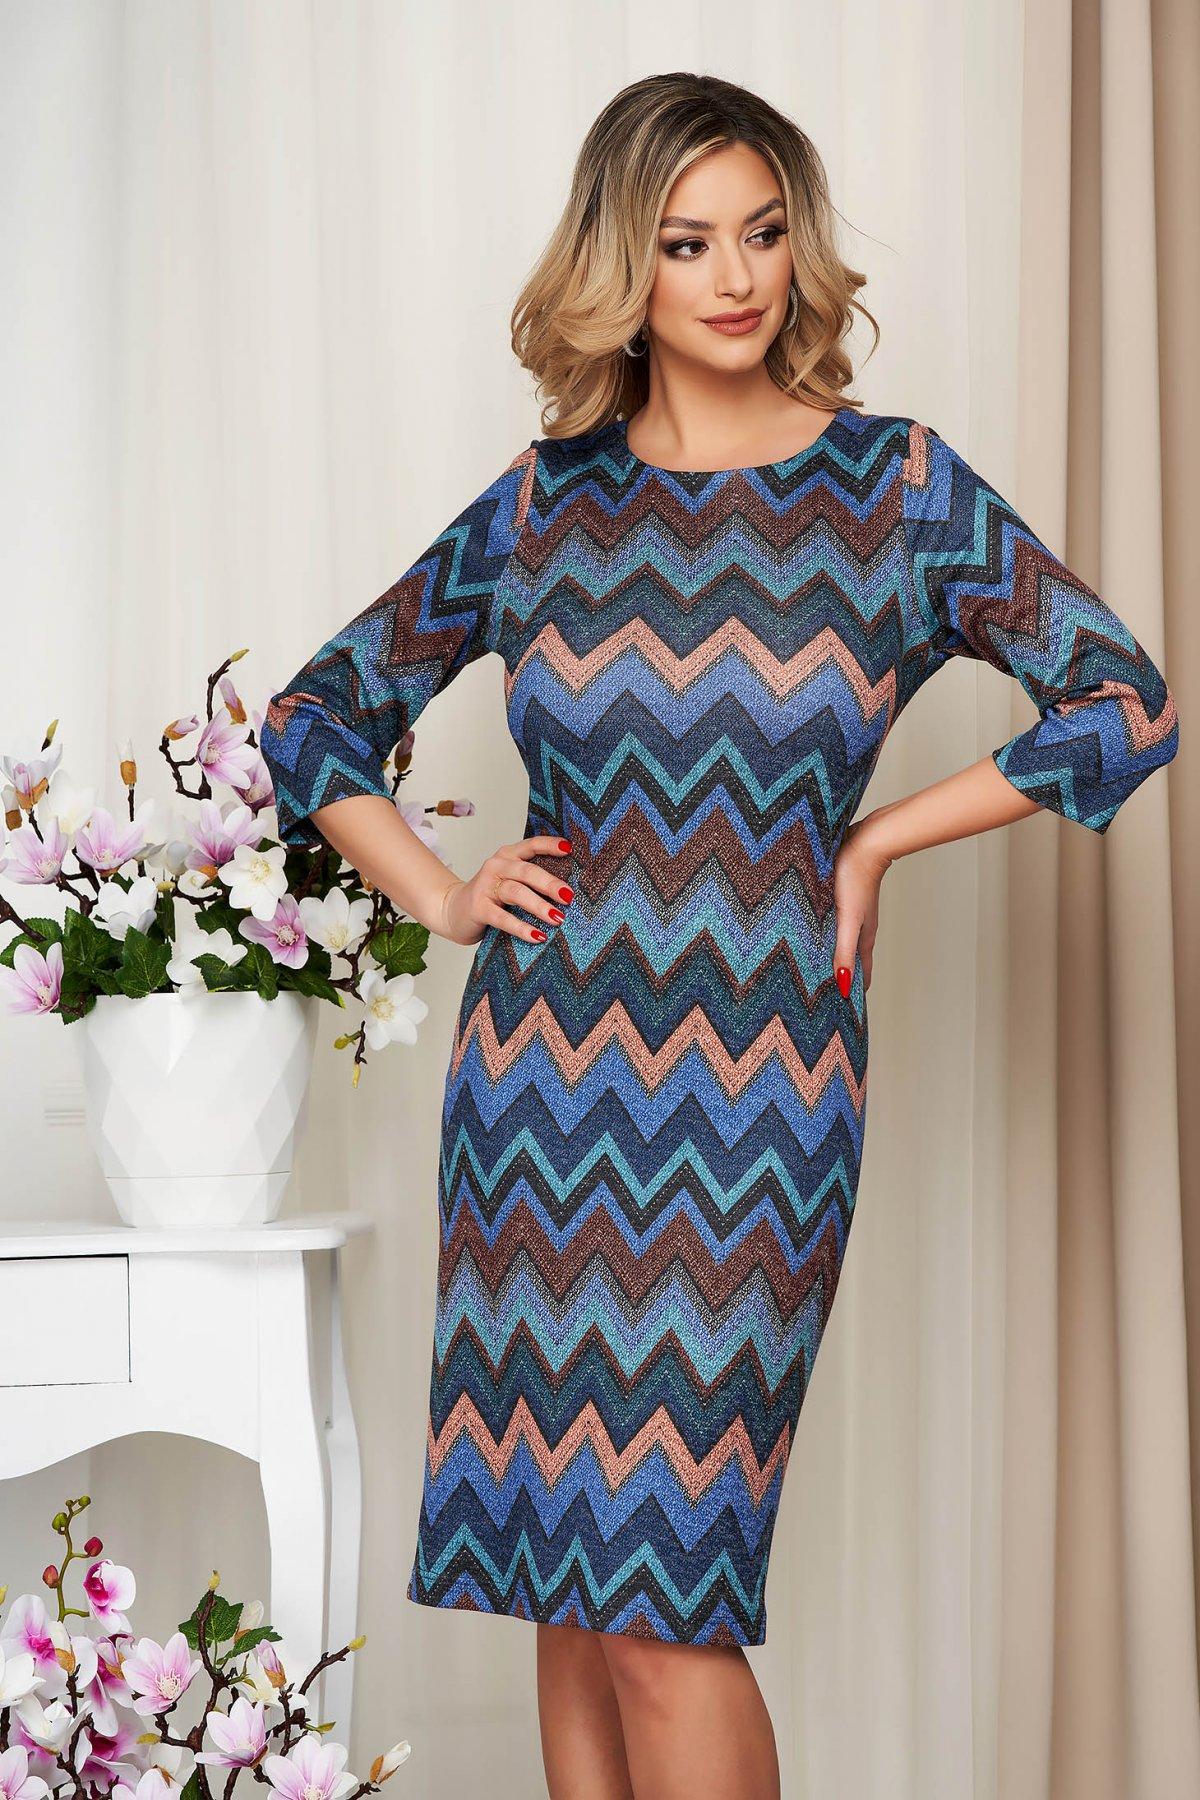 Rochie albastra midi tip creion din tricot elastic - medelin.ro